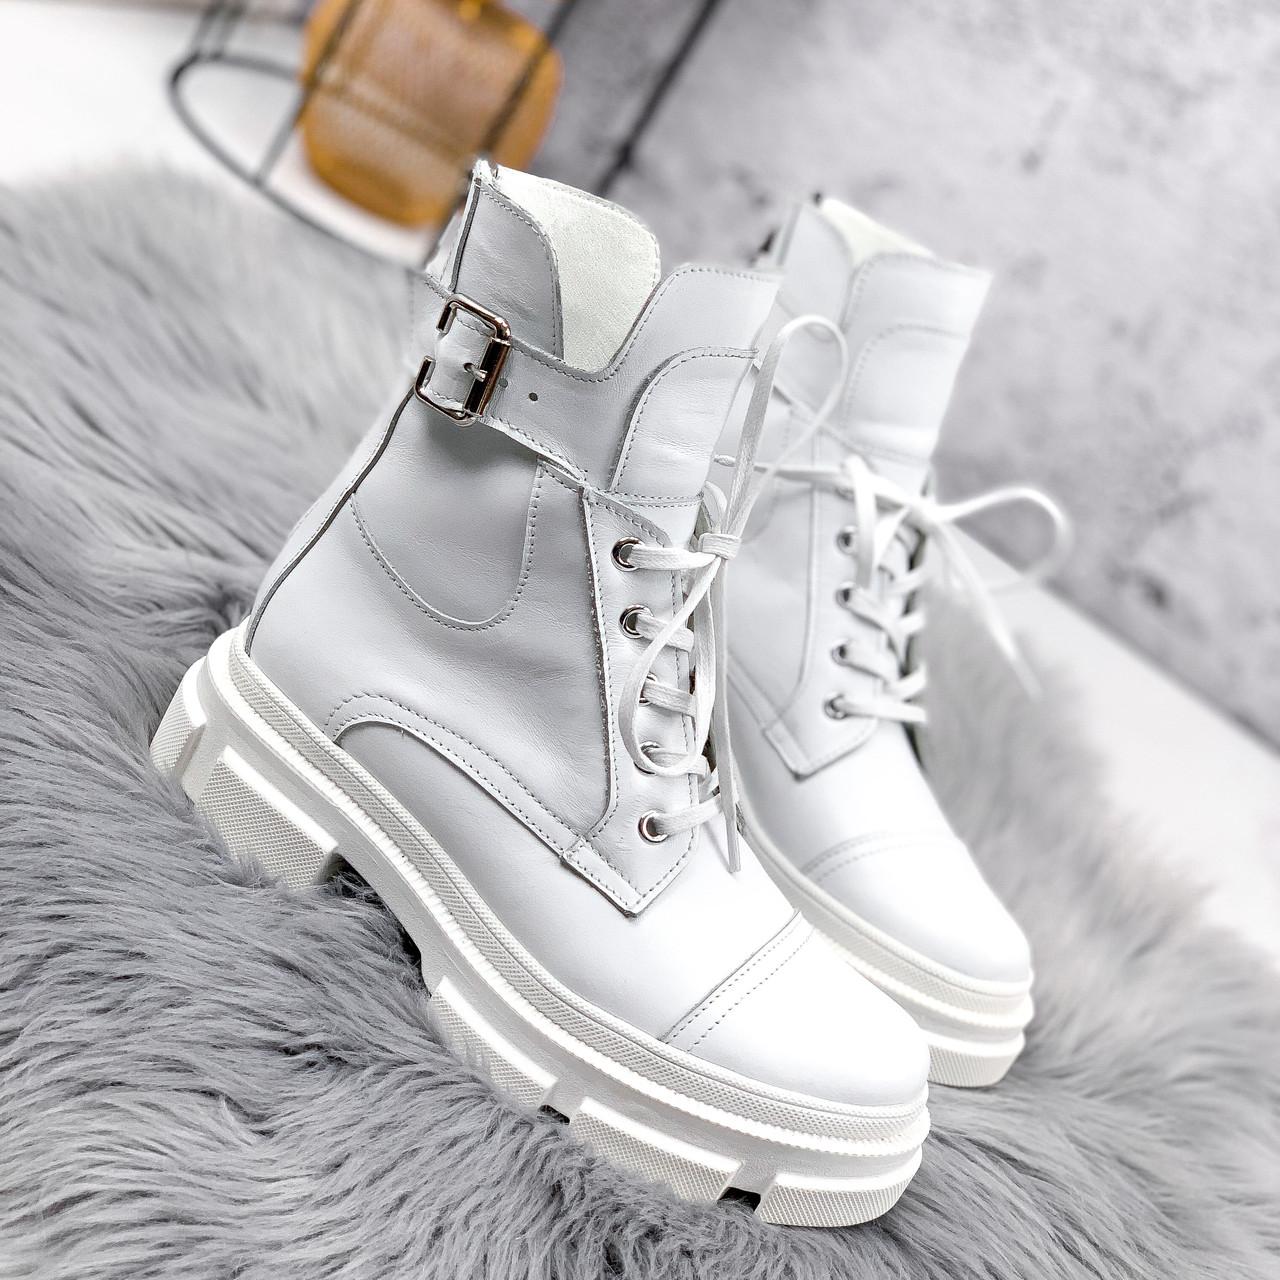 Ботинки женские Rebeca белые ДЕМИ 2445